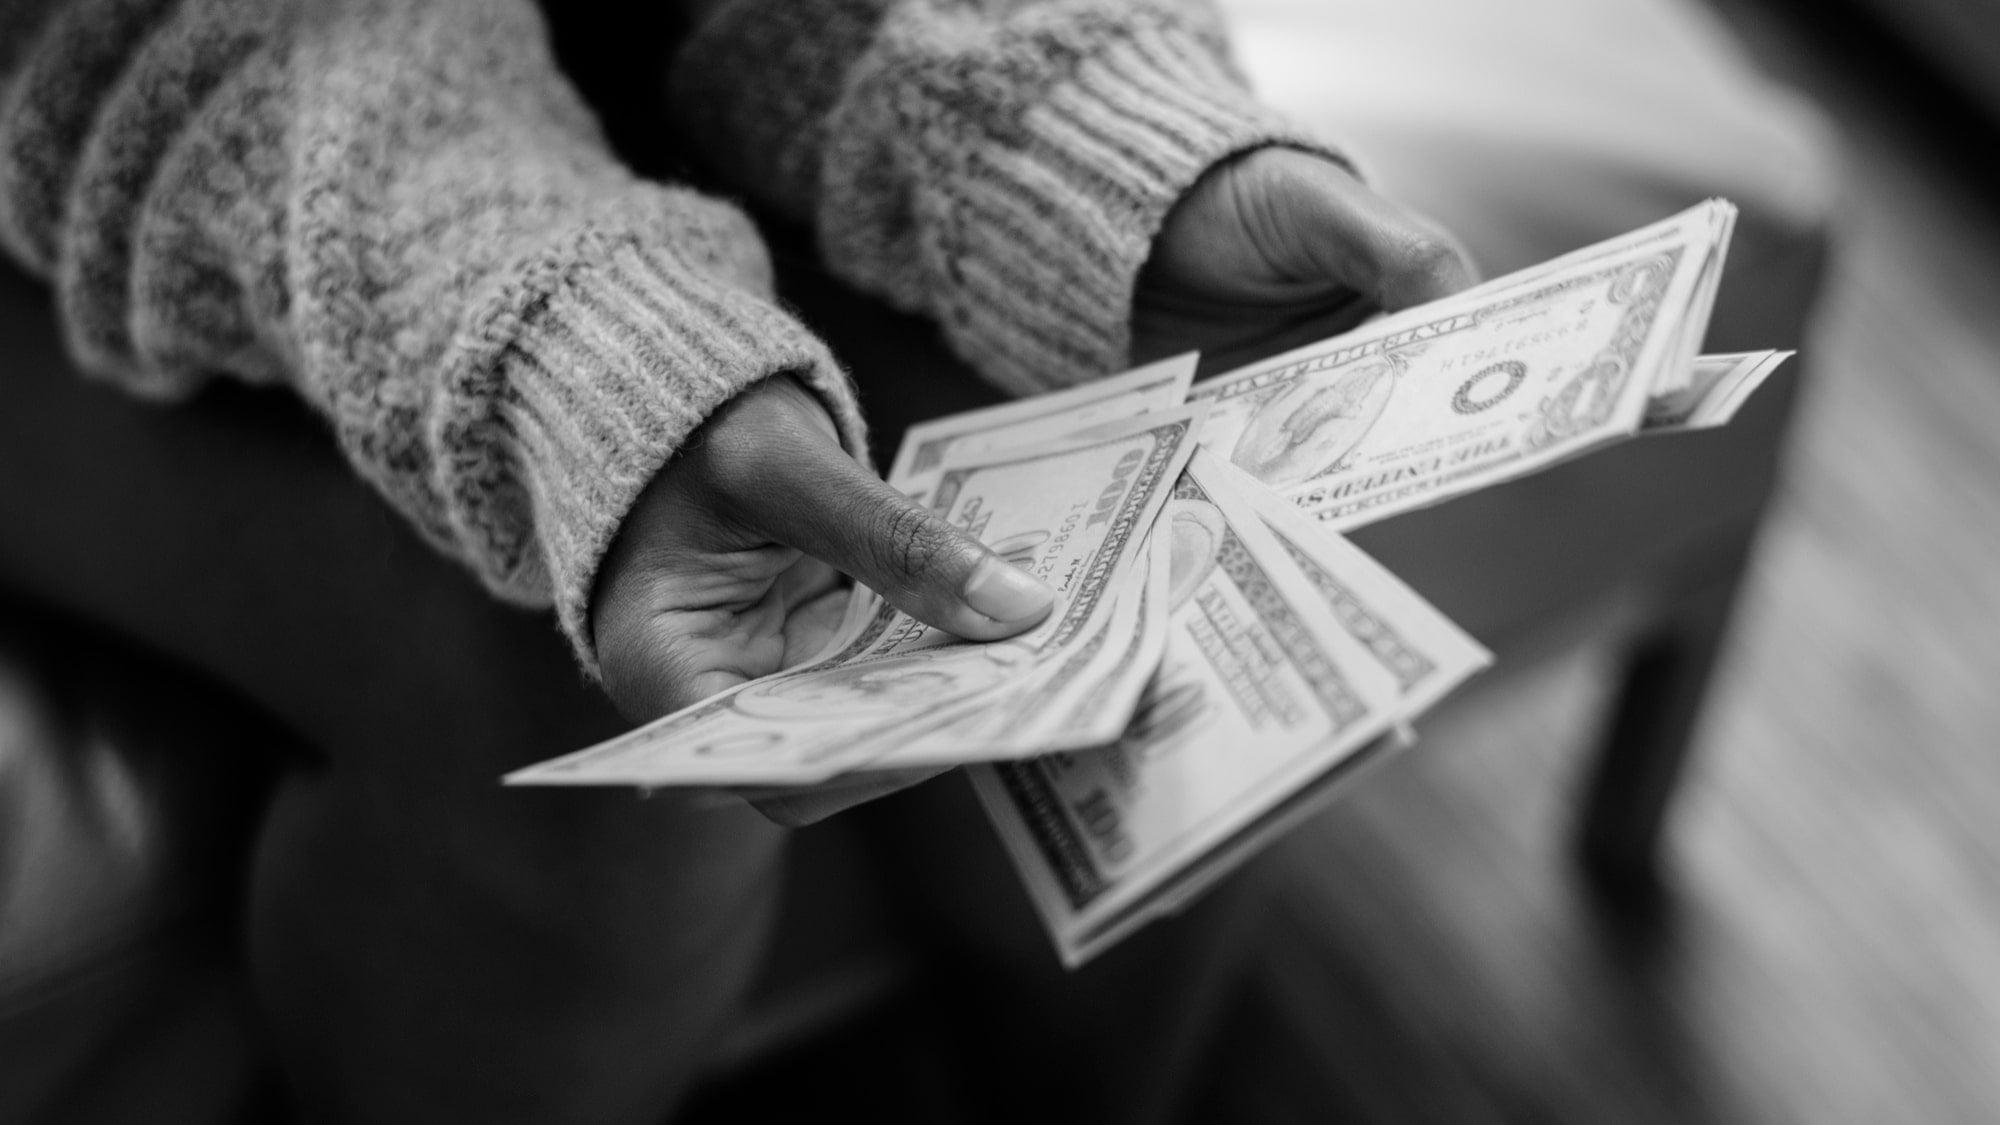 Nainen laskemassa rahoja